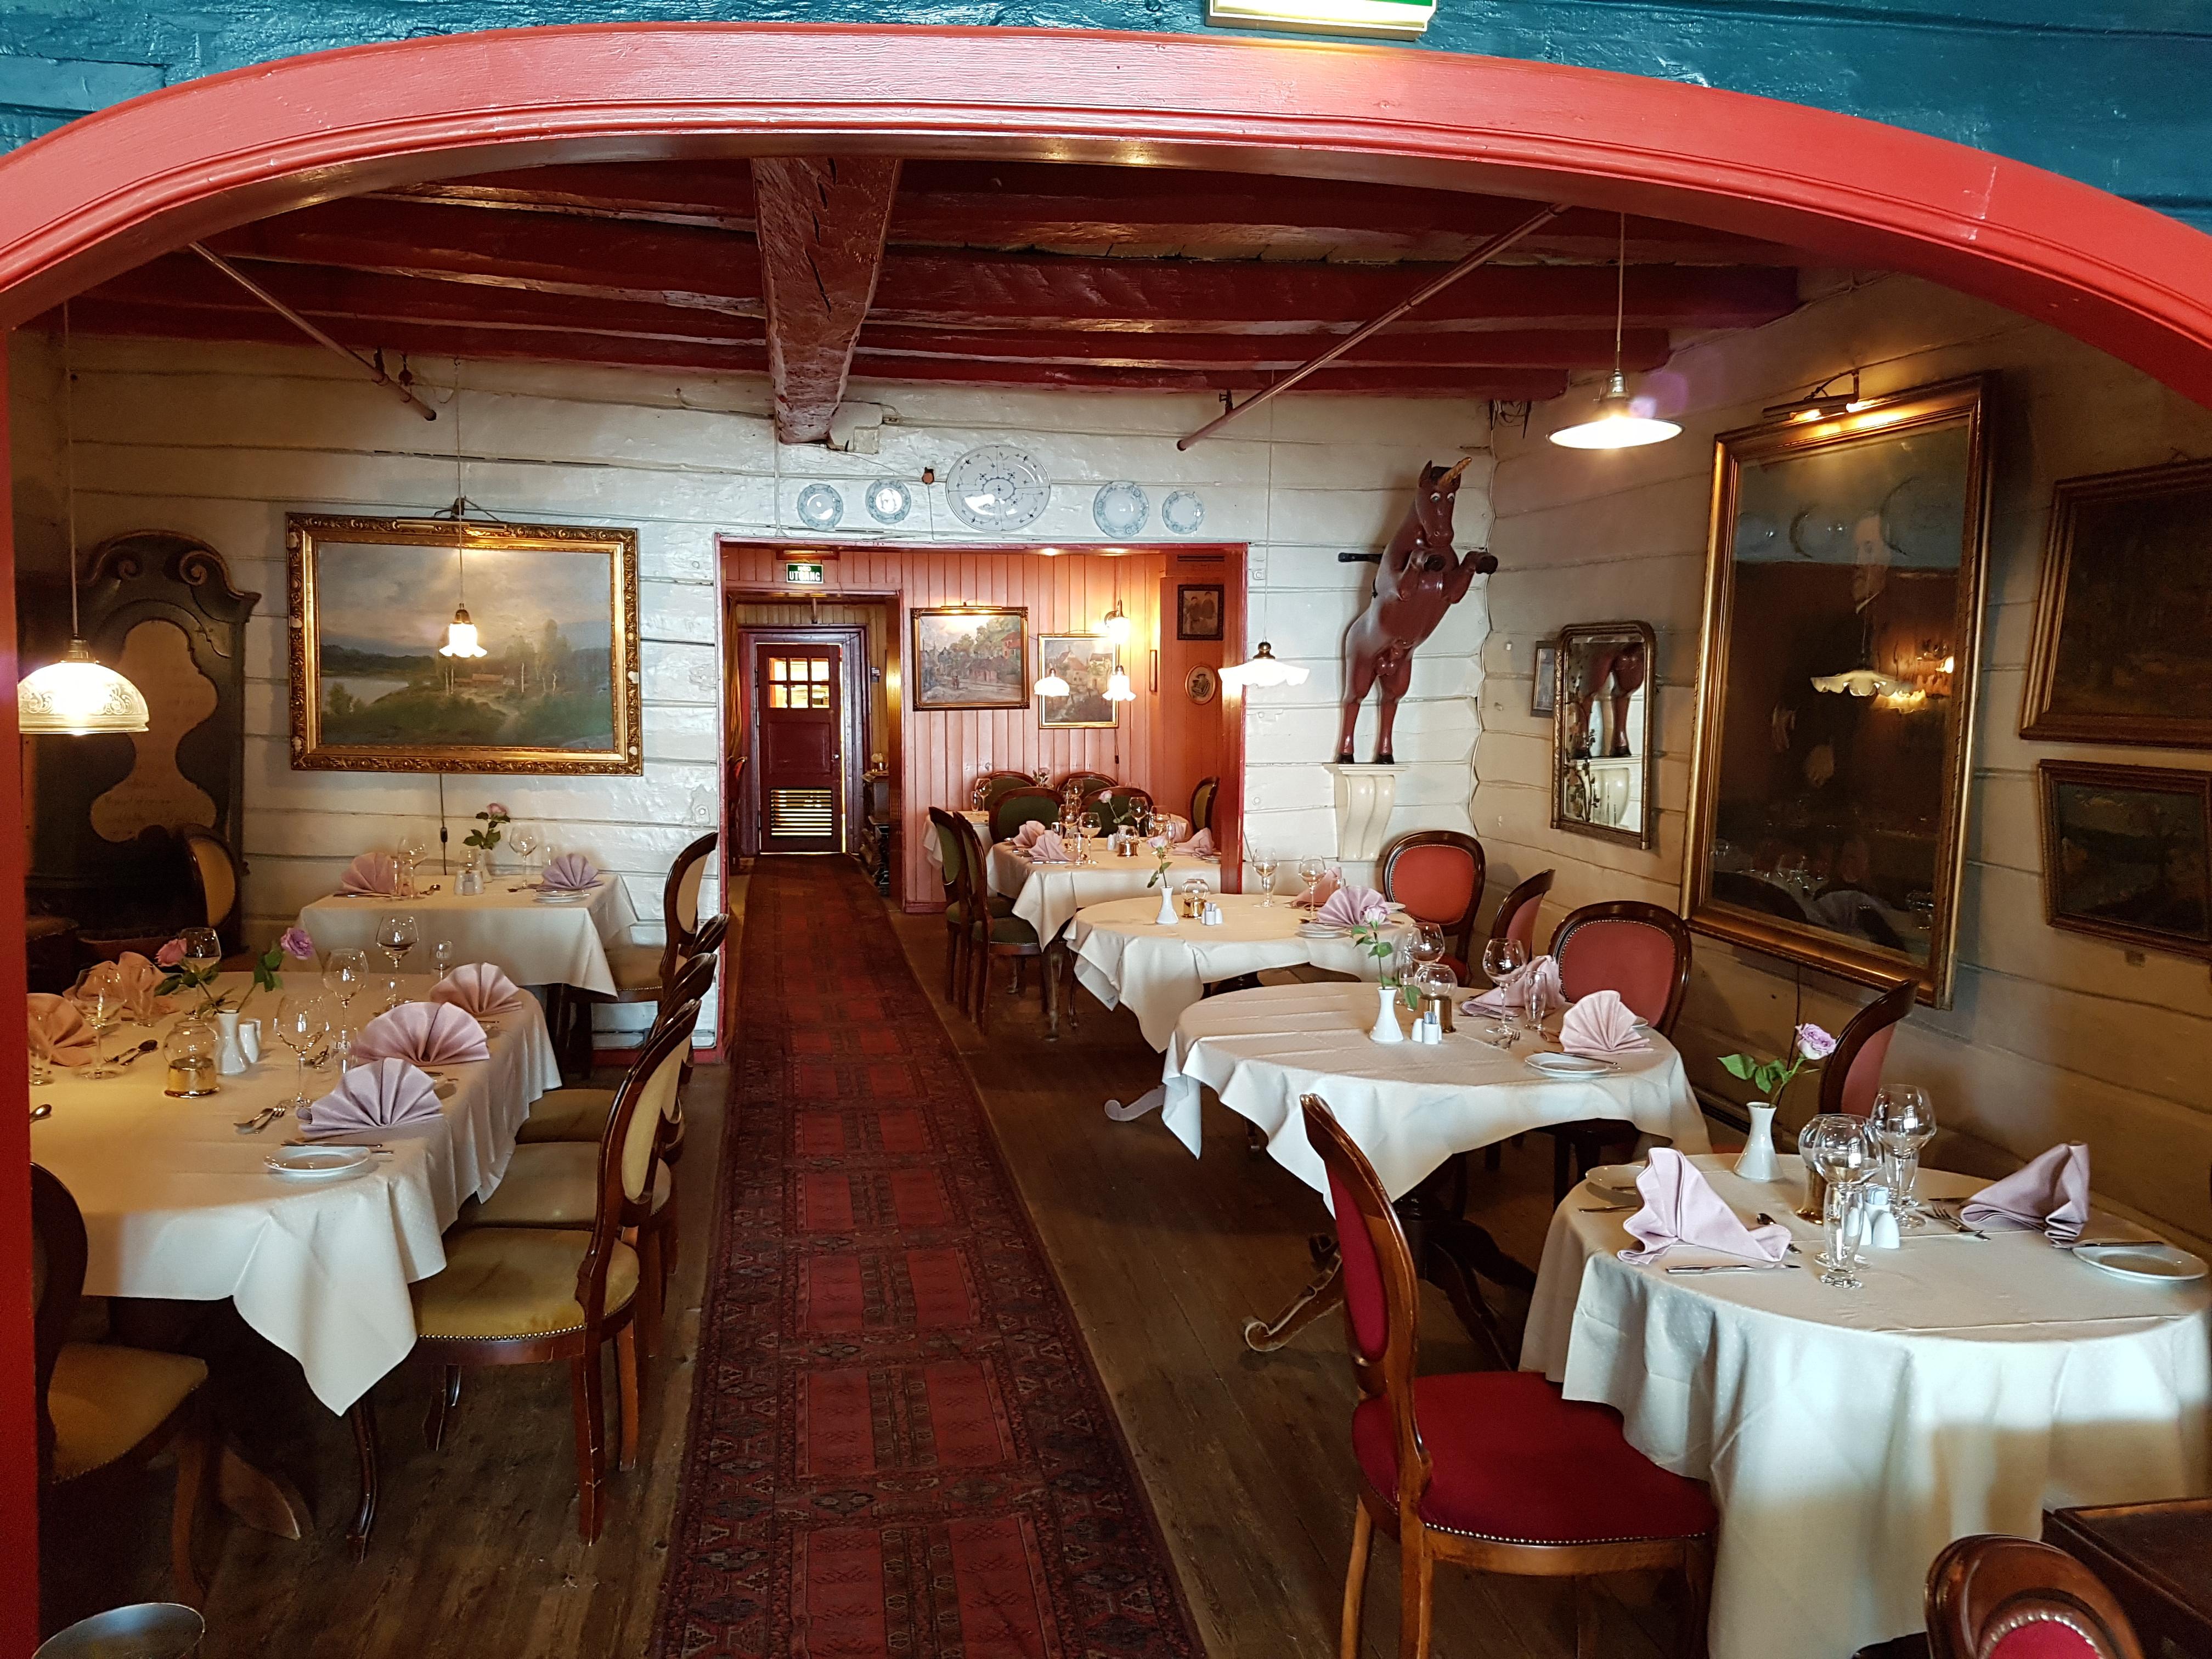 bra restauranter oslo vest agder